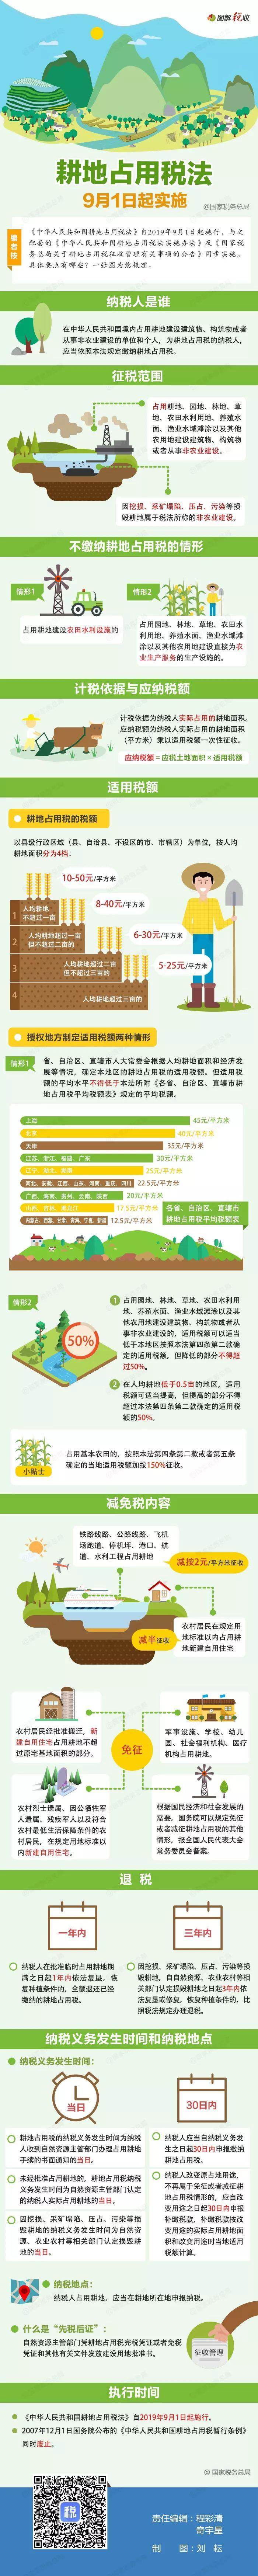 耕地占用税法9月1日起实施!一图了解政策要点